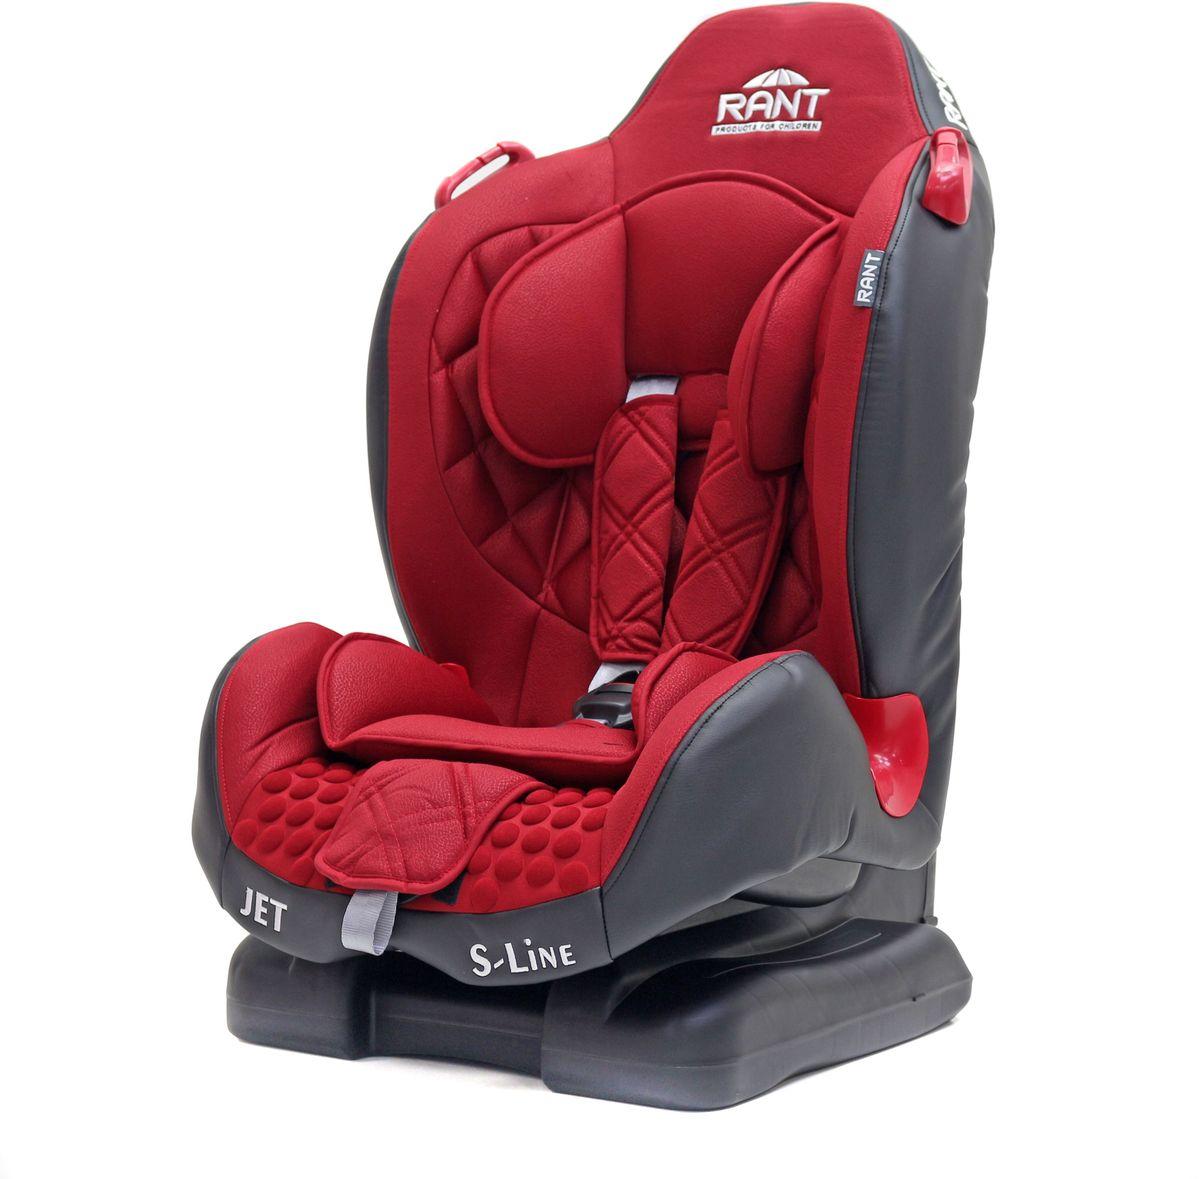 Rant Автокресло Jet цвет красный от 9 до 25 кг 4650070987501